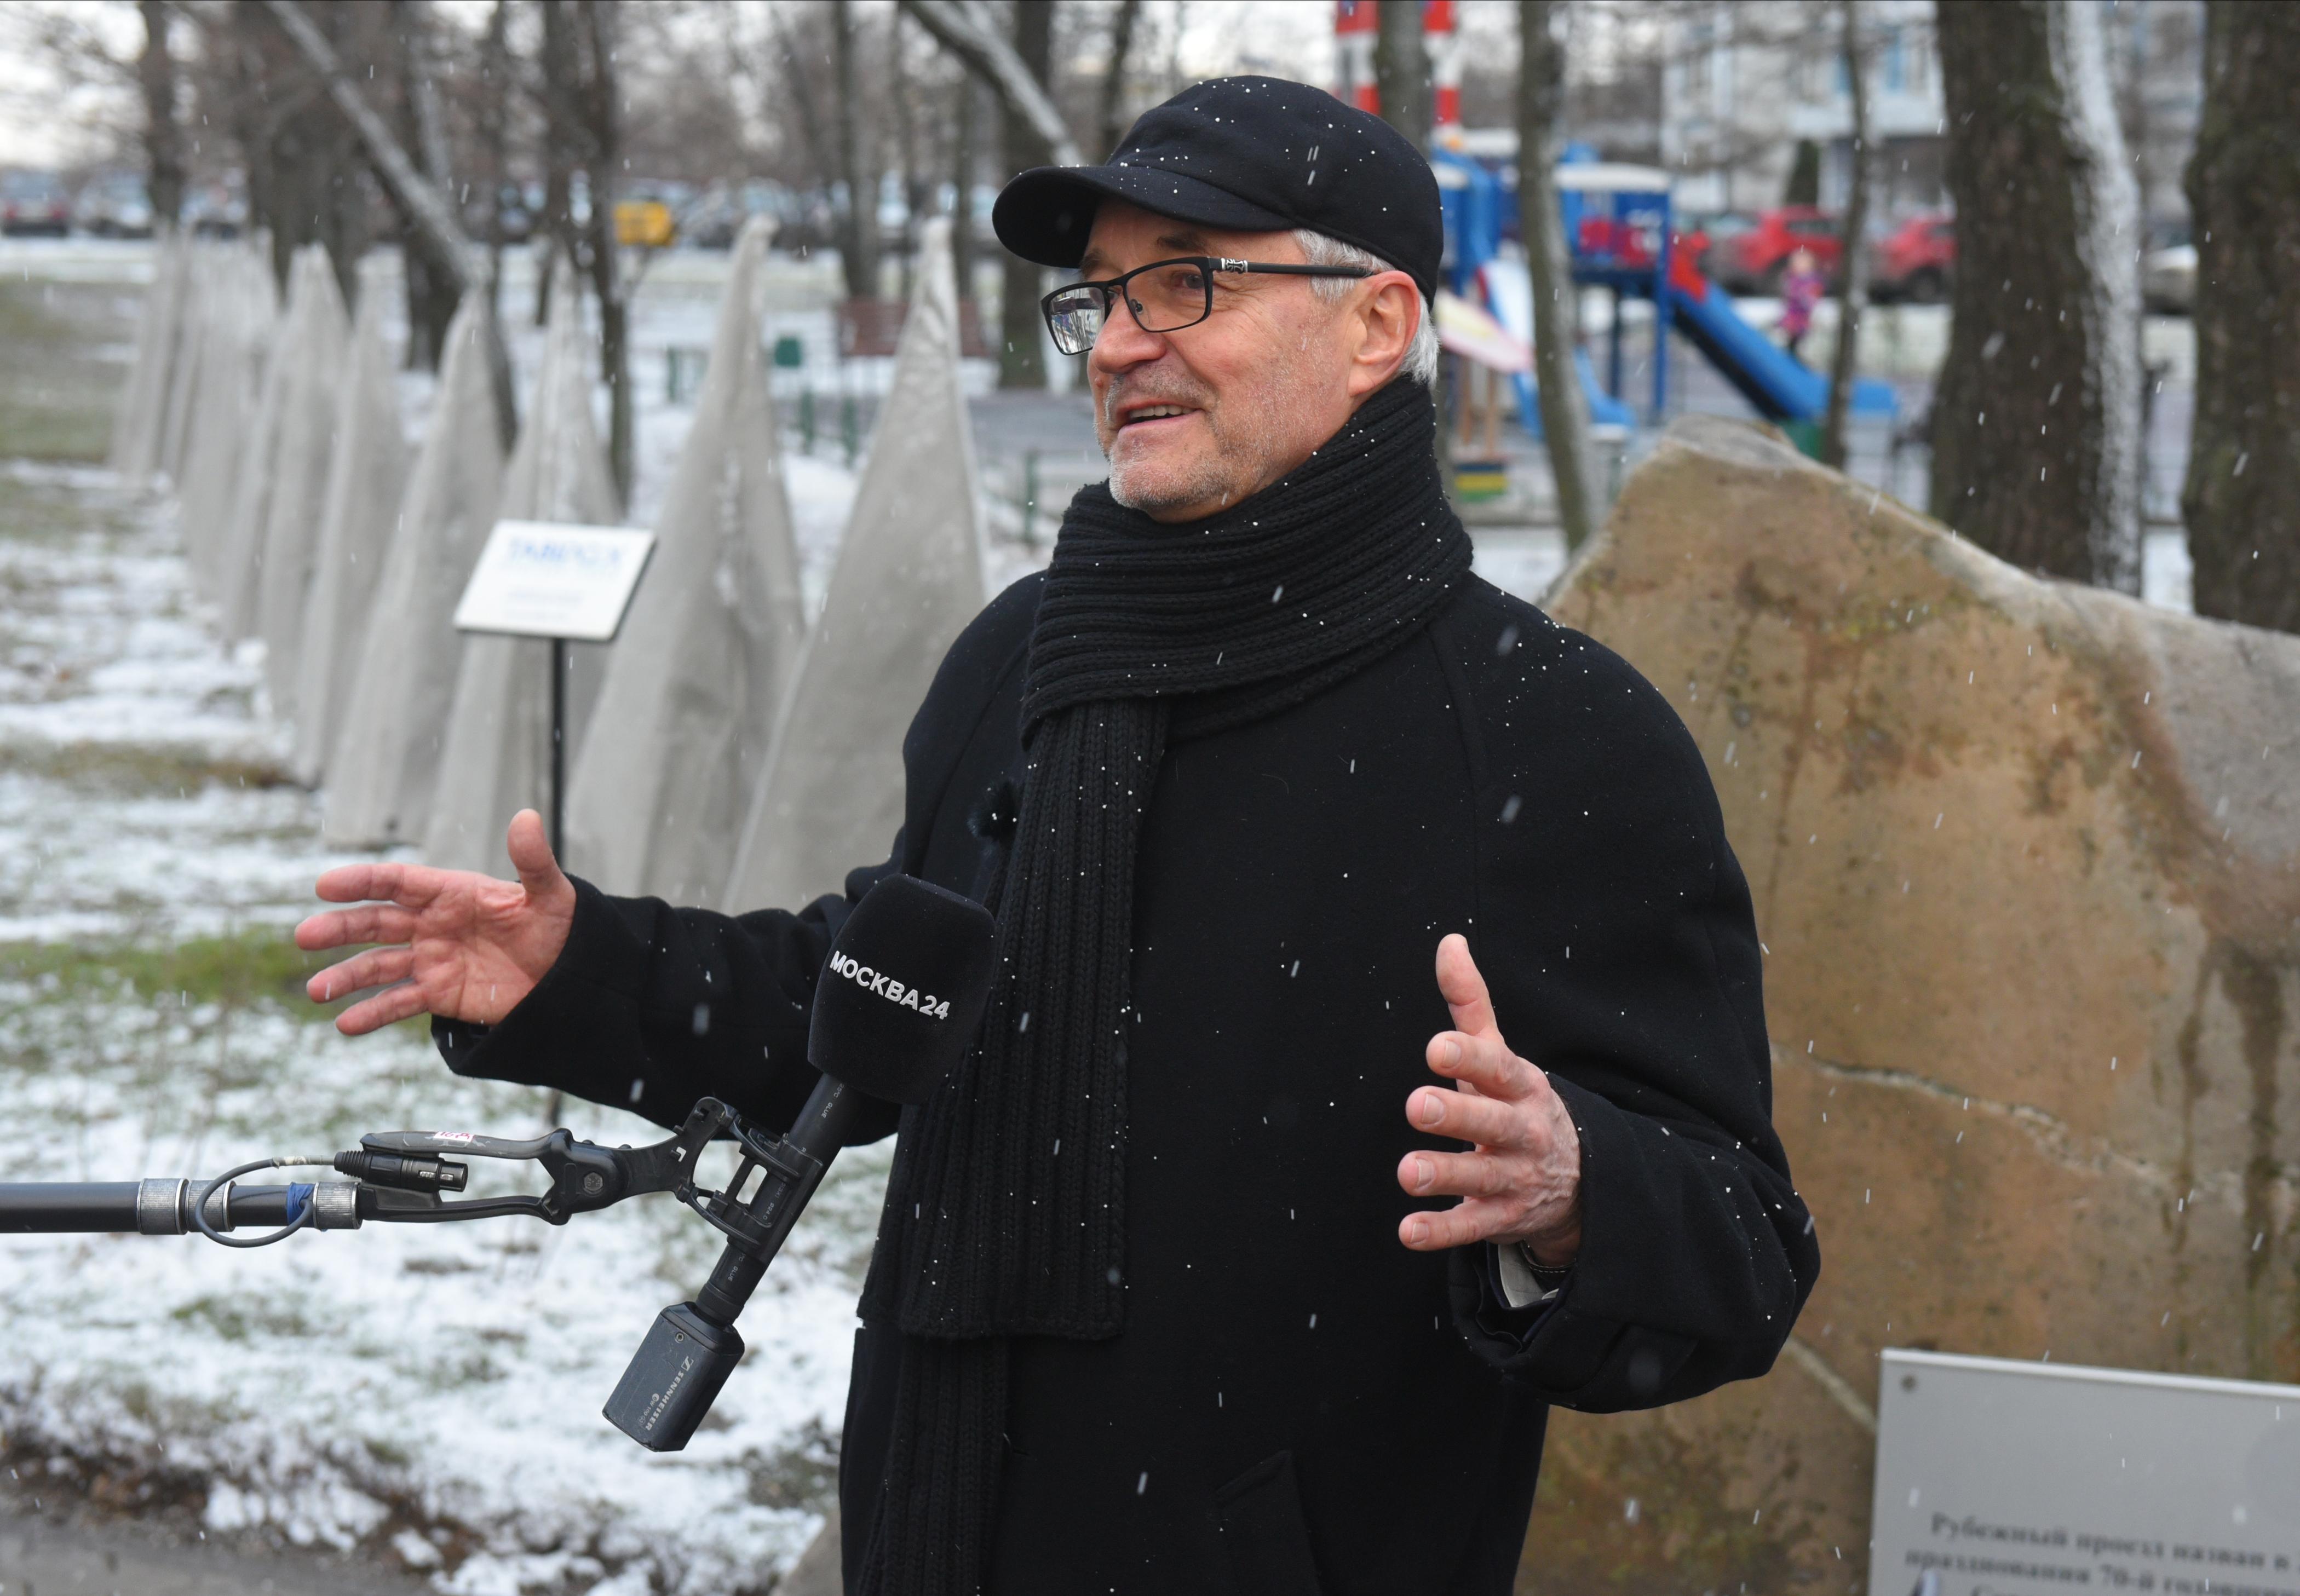 На фото депутат МГД Евгений Герасимов. Фото: Александр Кожохин, «Вечерняя Москва»